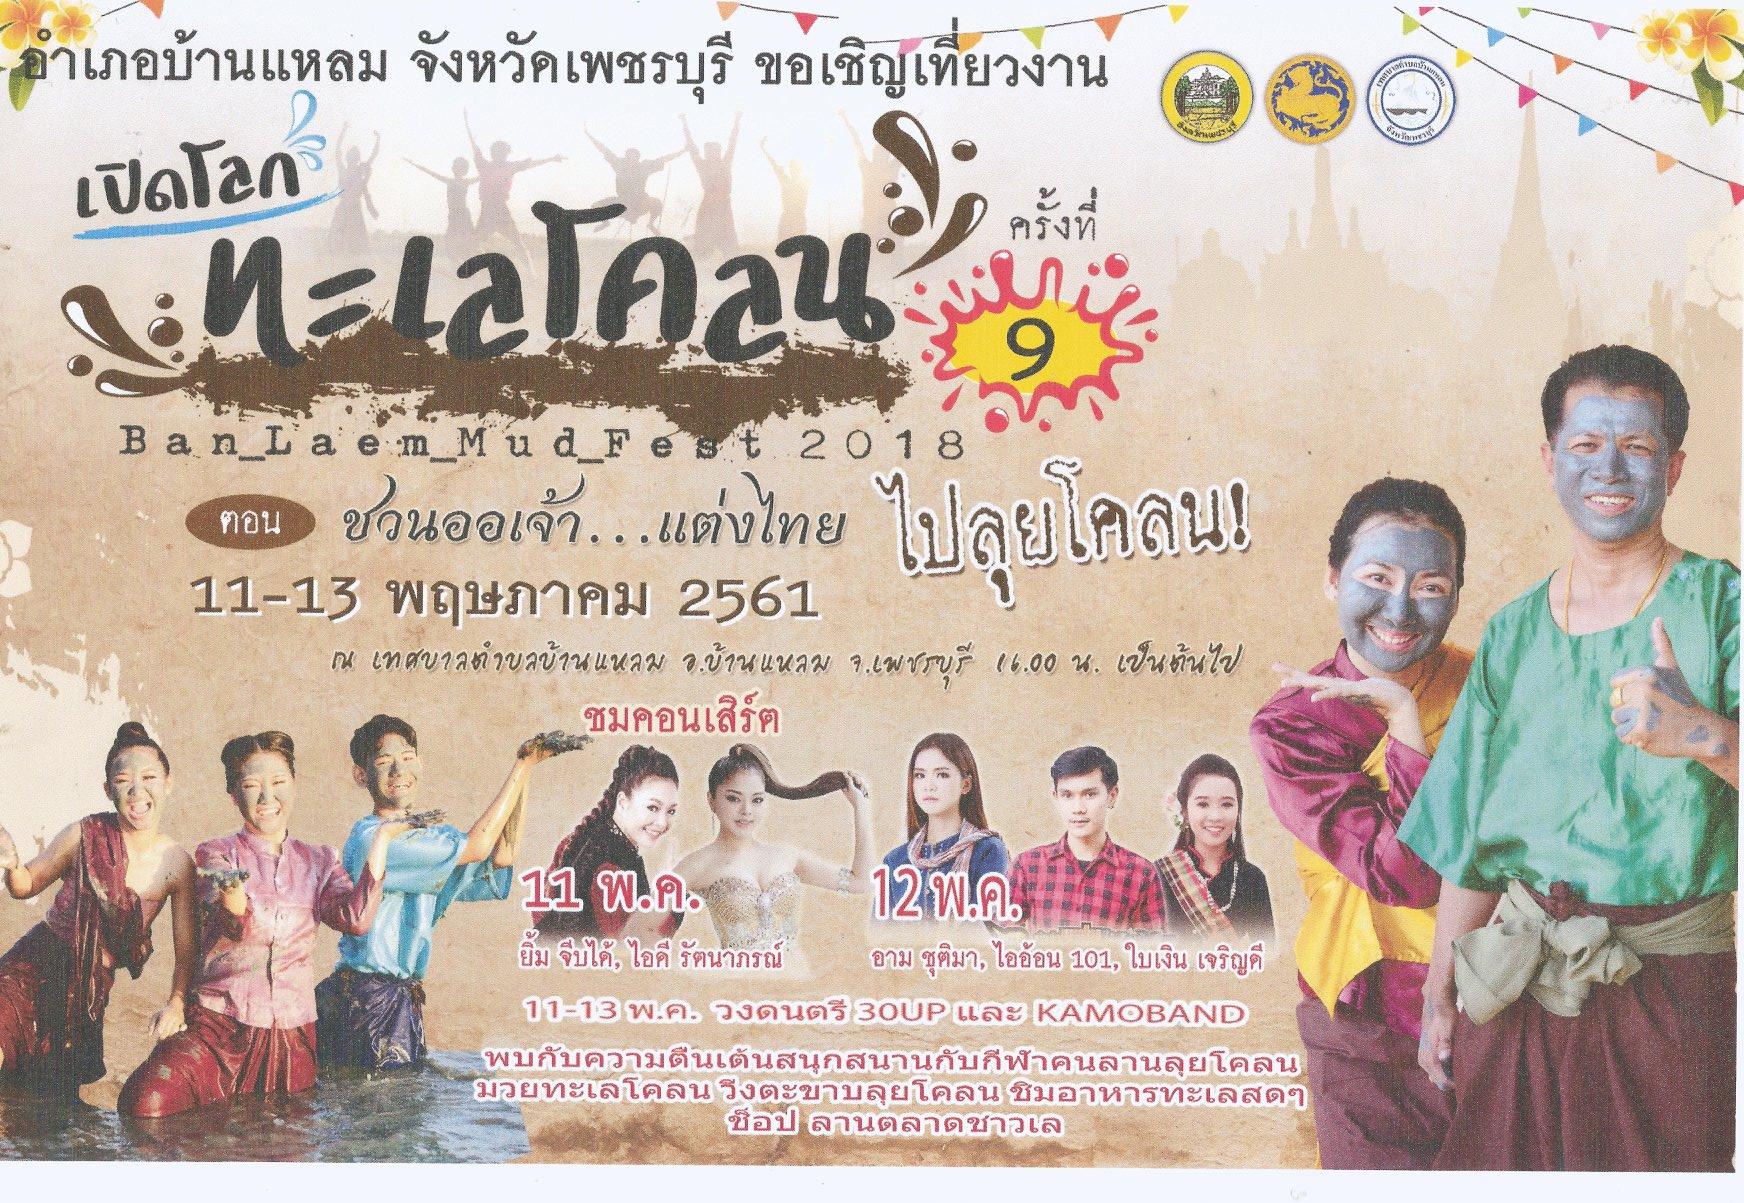 """งานเปิดโลกทะเลโคลนอำเภอบ้านแหลมครั้งที่ 9 """"ชวนออเจ้าแต่งไทยไปลุยโคลน"""" 11 -13 พฤษภาคม 2561 อำเภอบ้านแหลม จังหวัดเพชรบุรี"""